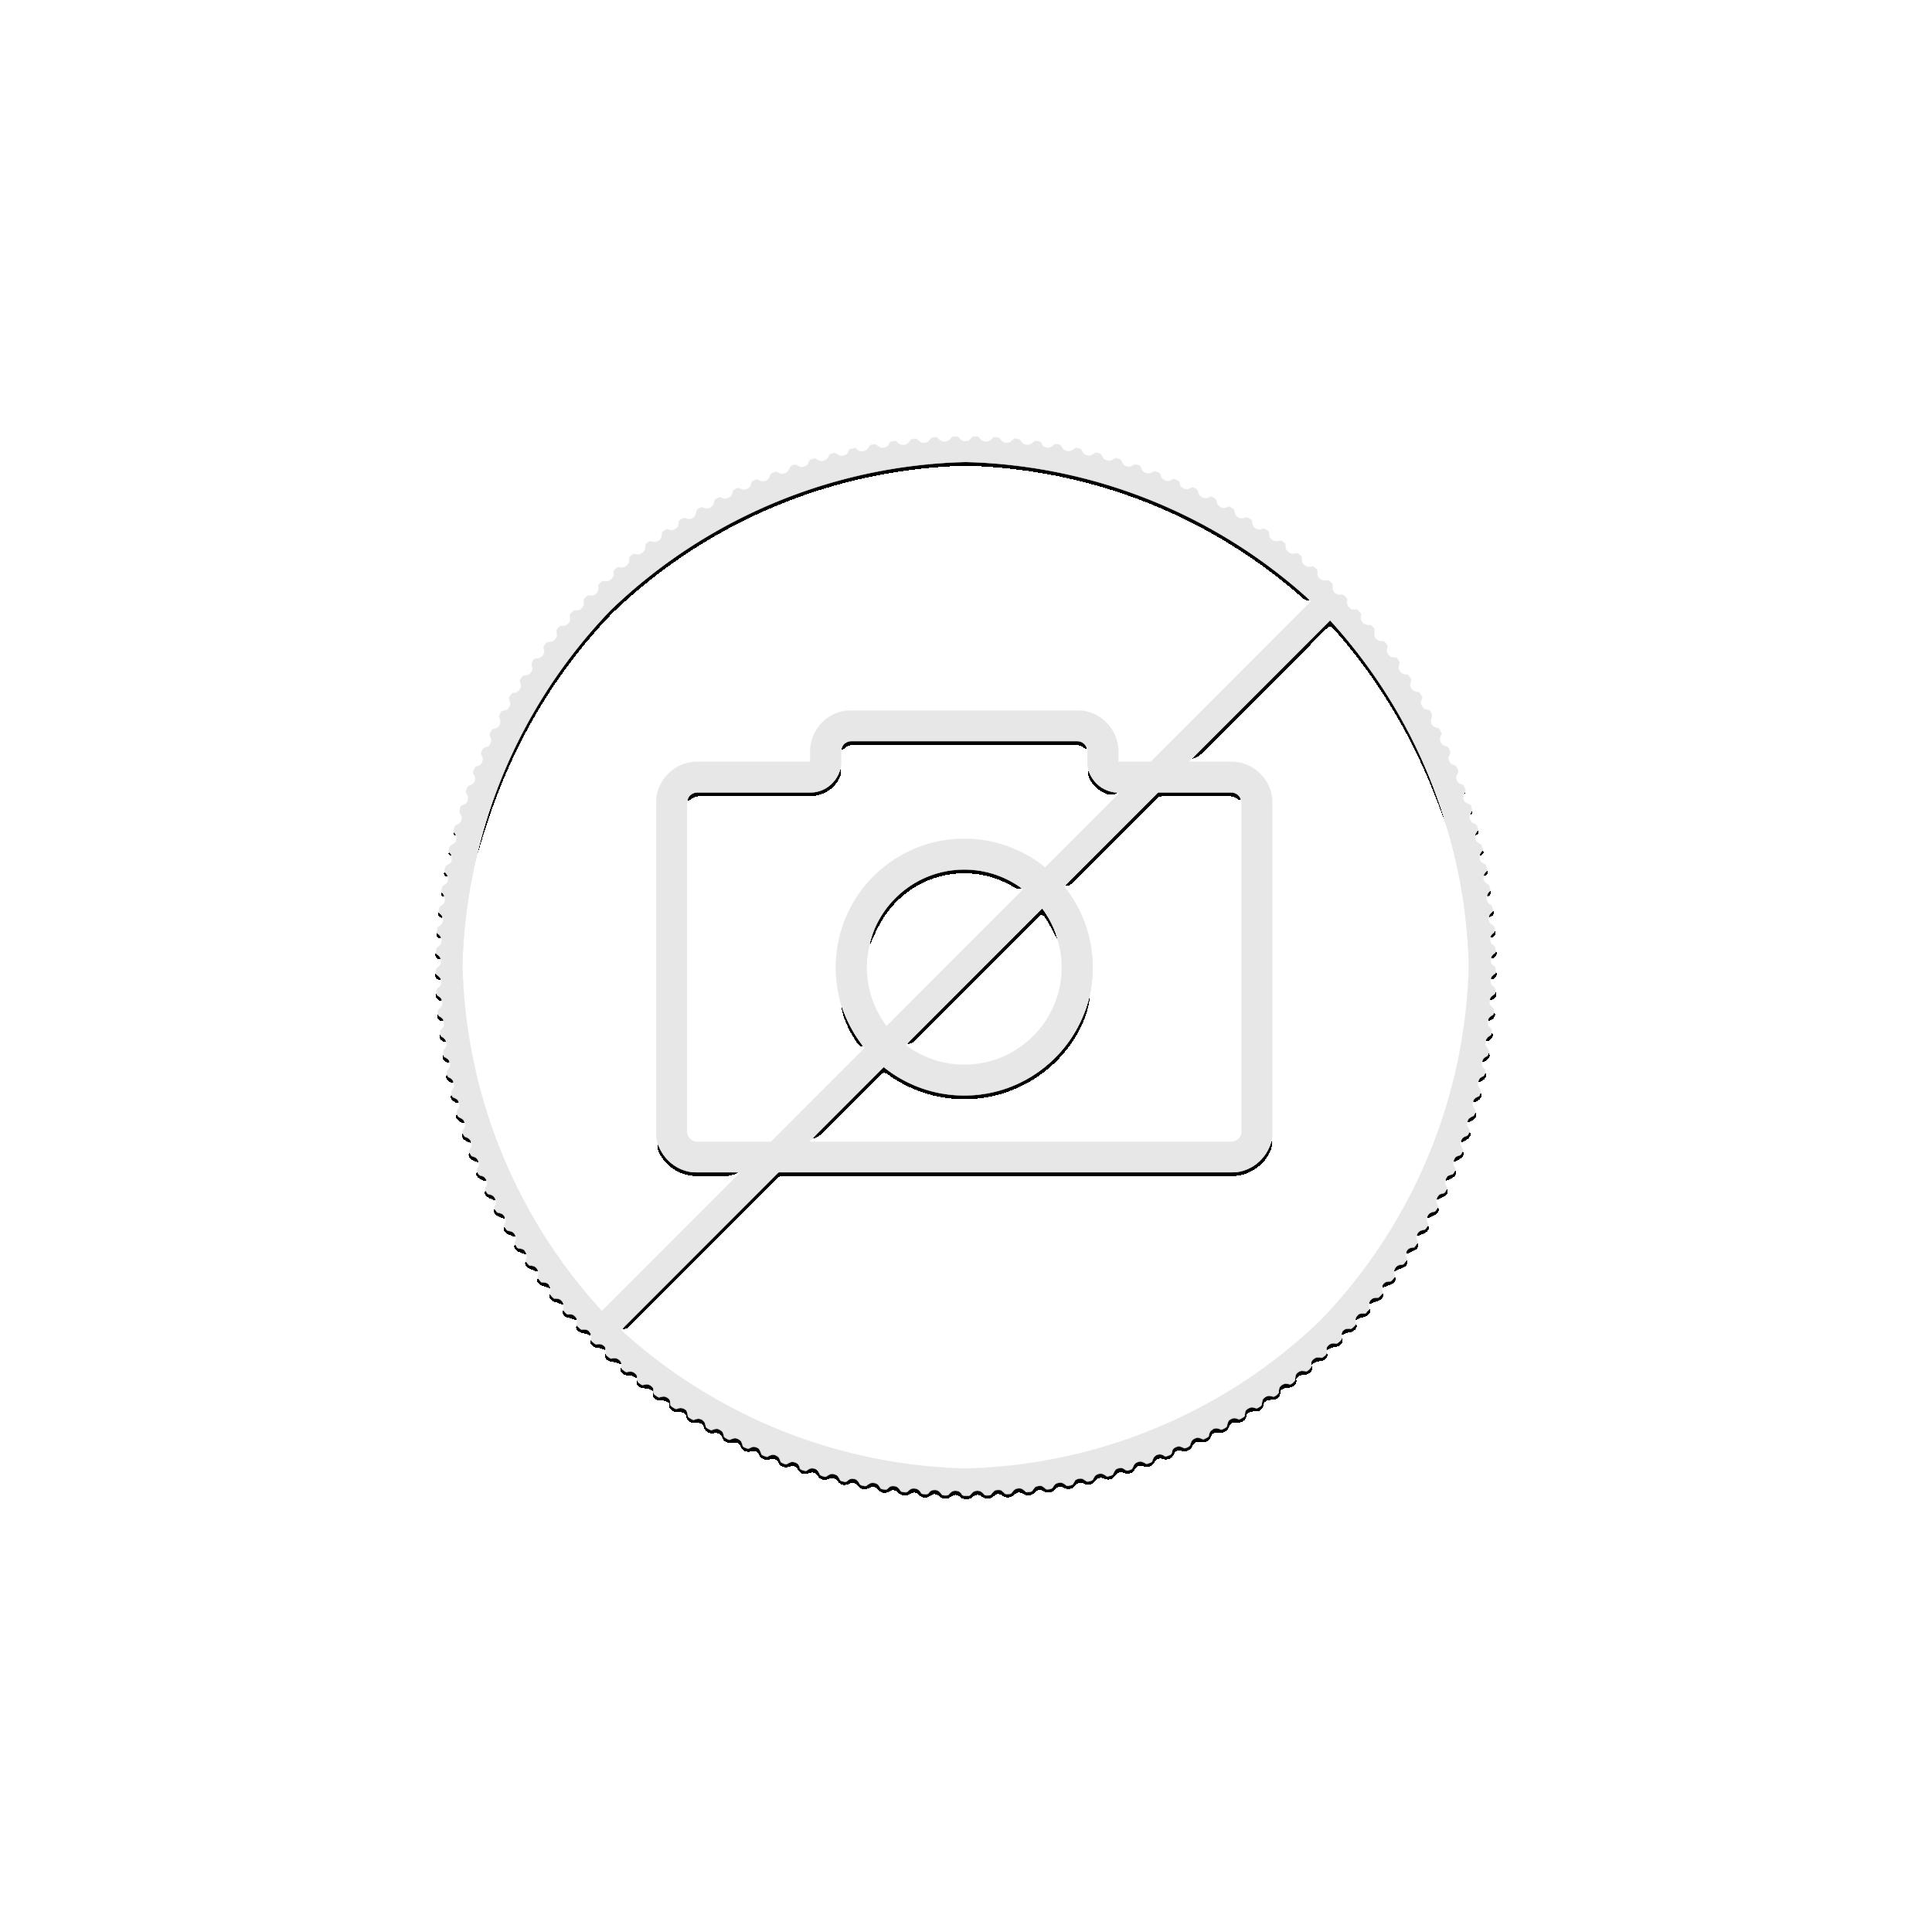 Goudbaar 100 gram Umicore met certificaat